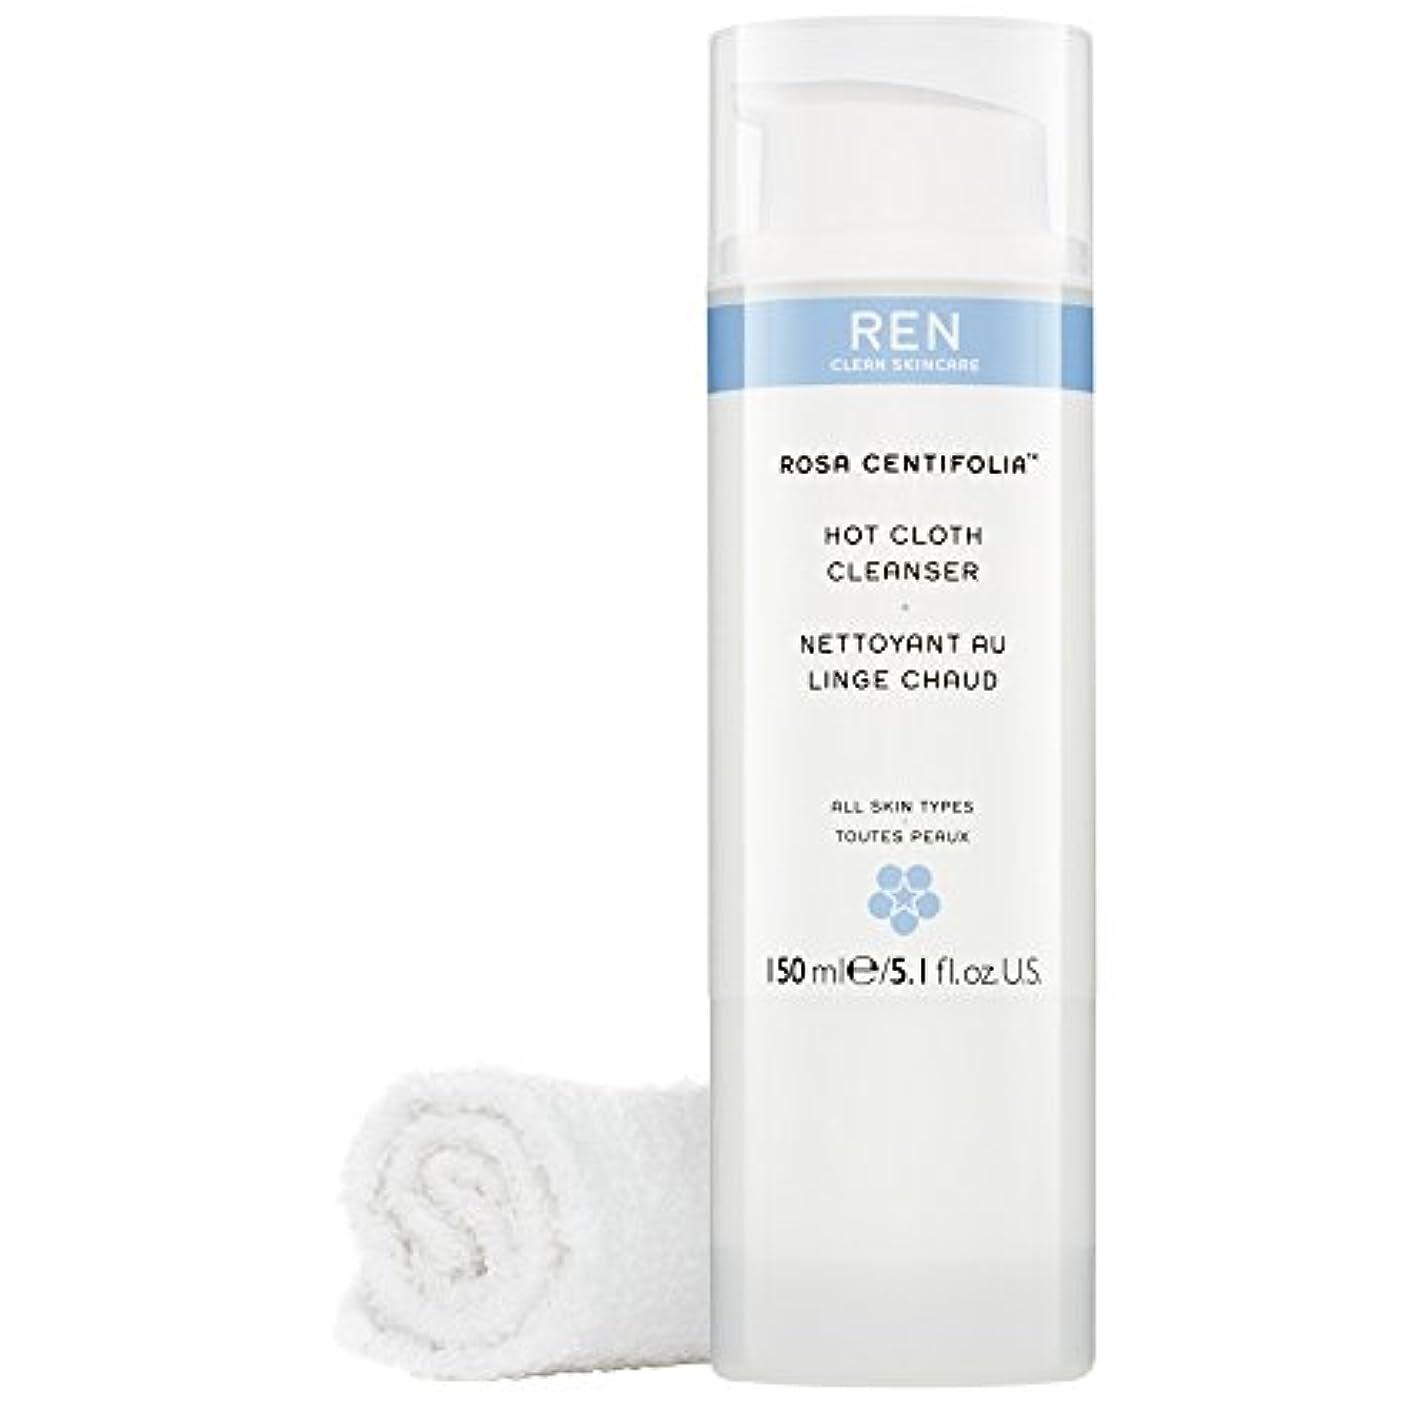 夜明け化学薬品渇きRenローザセンチフォリアバラ?ホット布クレンザー、150ミリリットル (REN) (x2) - REN Rosa Centifolia? Hot Cloth Cleanser, 150ml (Pack of 2) [並行輸入品]